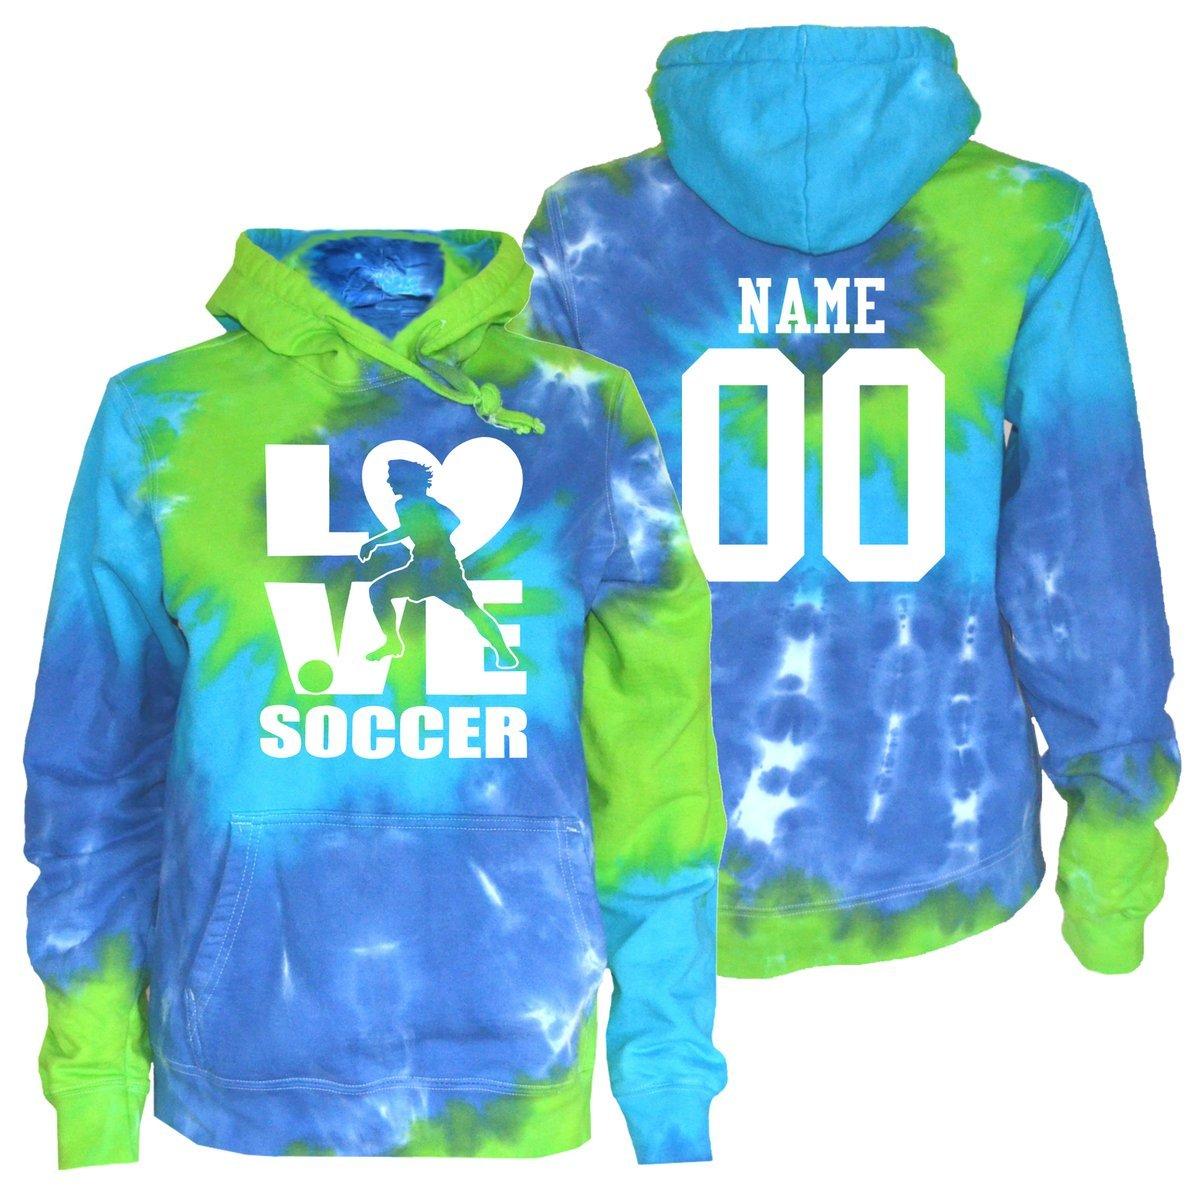 【激安】 Jant GirlカスタムサッカーTie Dye Small Sweatshirt Twist – Soccer Stacked Logo B078BRV735 Adult Adult Small (85-95 lbs.)|Blue Green Twist Blue Green Twist Adult Small (85-95 lbs.), ネムロシ:50d91ed0 --- svecha37.ru